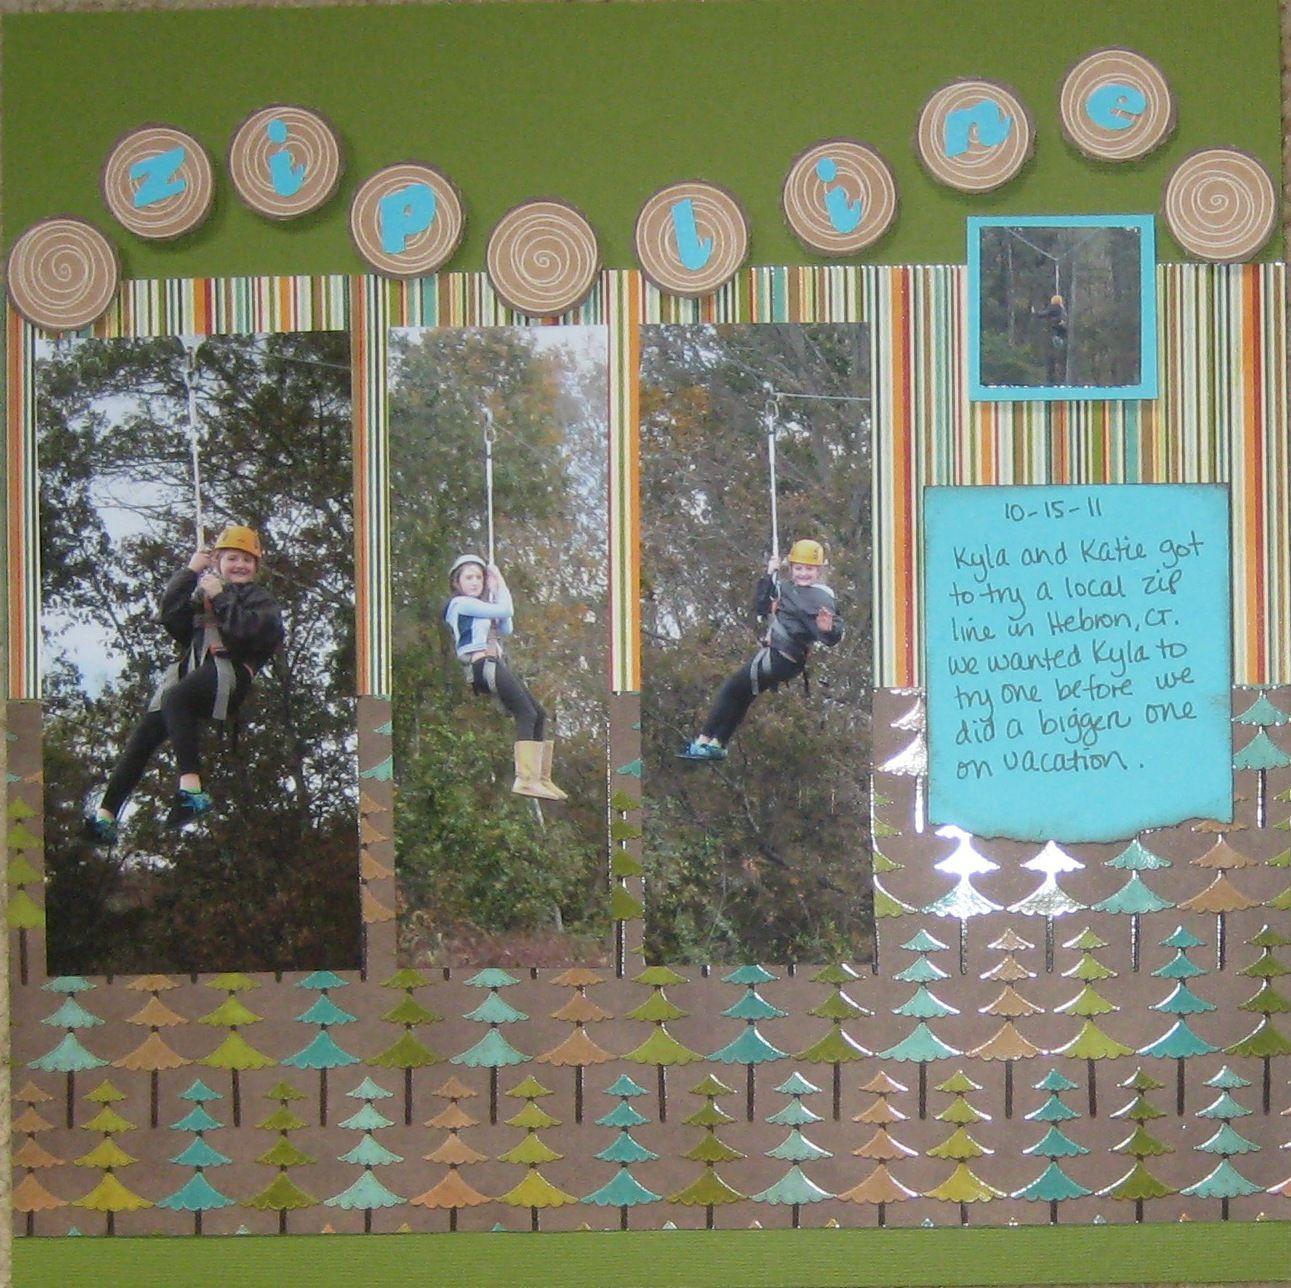 Scrapbook ideas las vegas - Scrapbooking Ideas For Ziplining Scrapbooking Layout Zip Line 15 Minute Scrapbooker